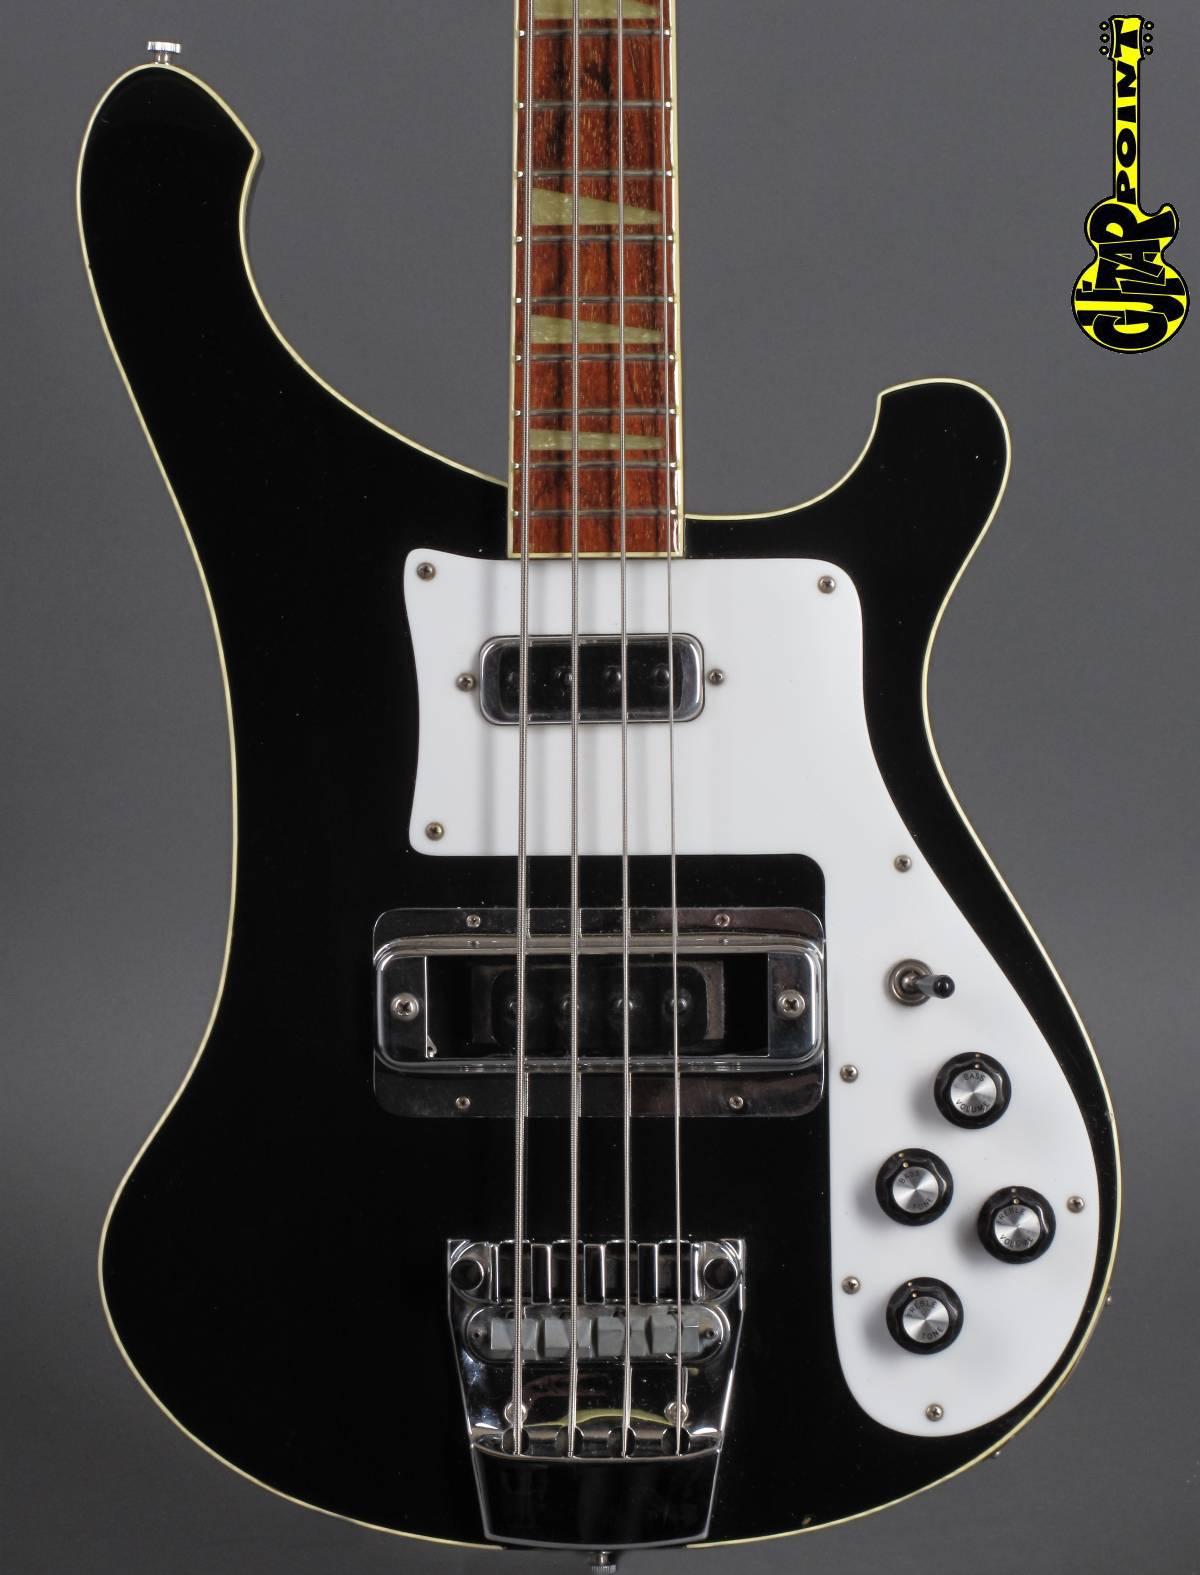 1979 Rickenbacker 4001 Bass - Jetglo